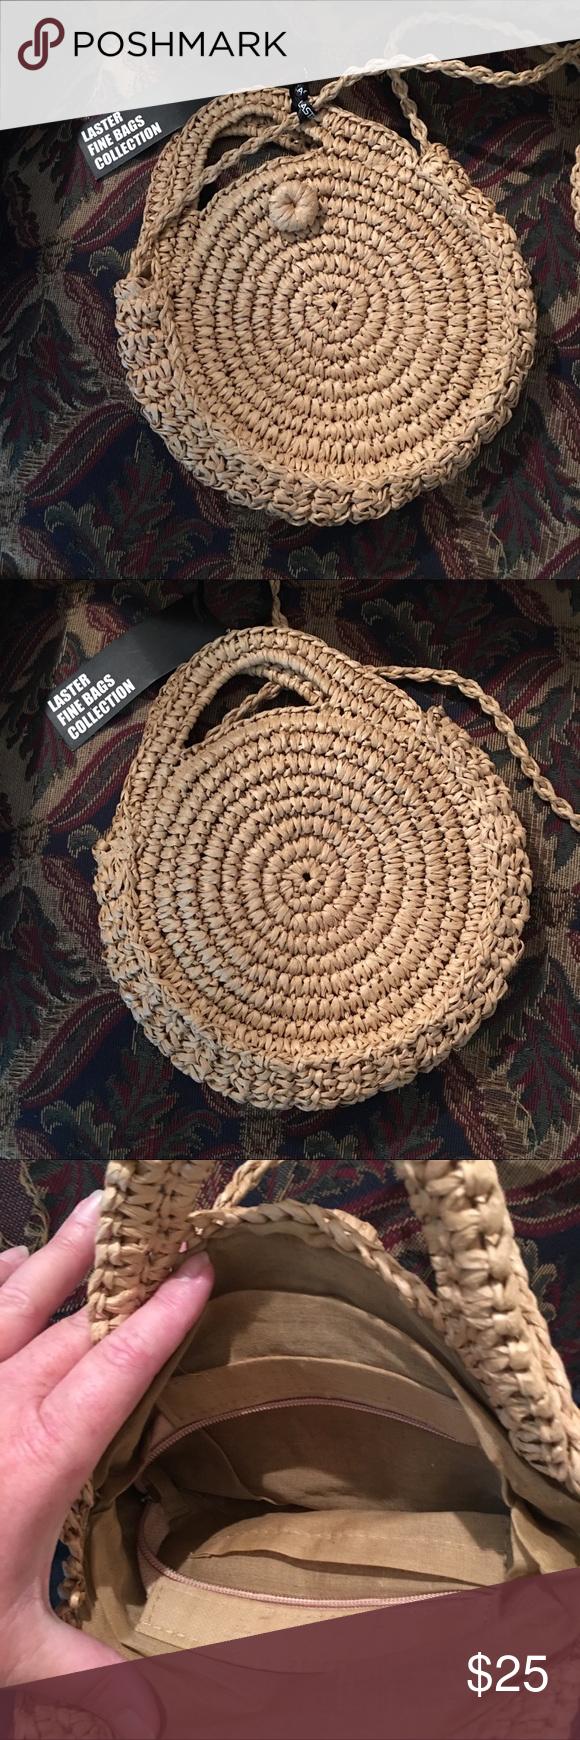 """a6c84b4b958 Laster 12"""" Round Straw shoulder bag ✨B2G1F✨ Laster 12"""" round straw shoulder  bag crossbody, fabric interior, NWT. ✨B2G1F✨ Laster Bags Shoulder Bags"""